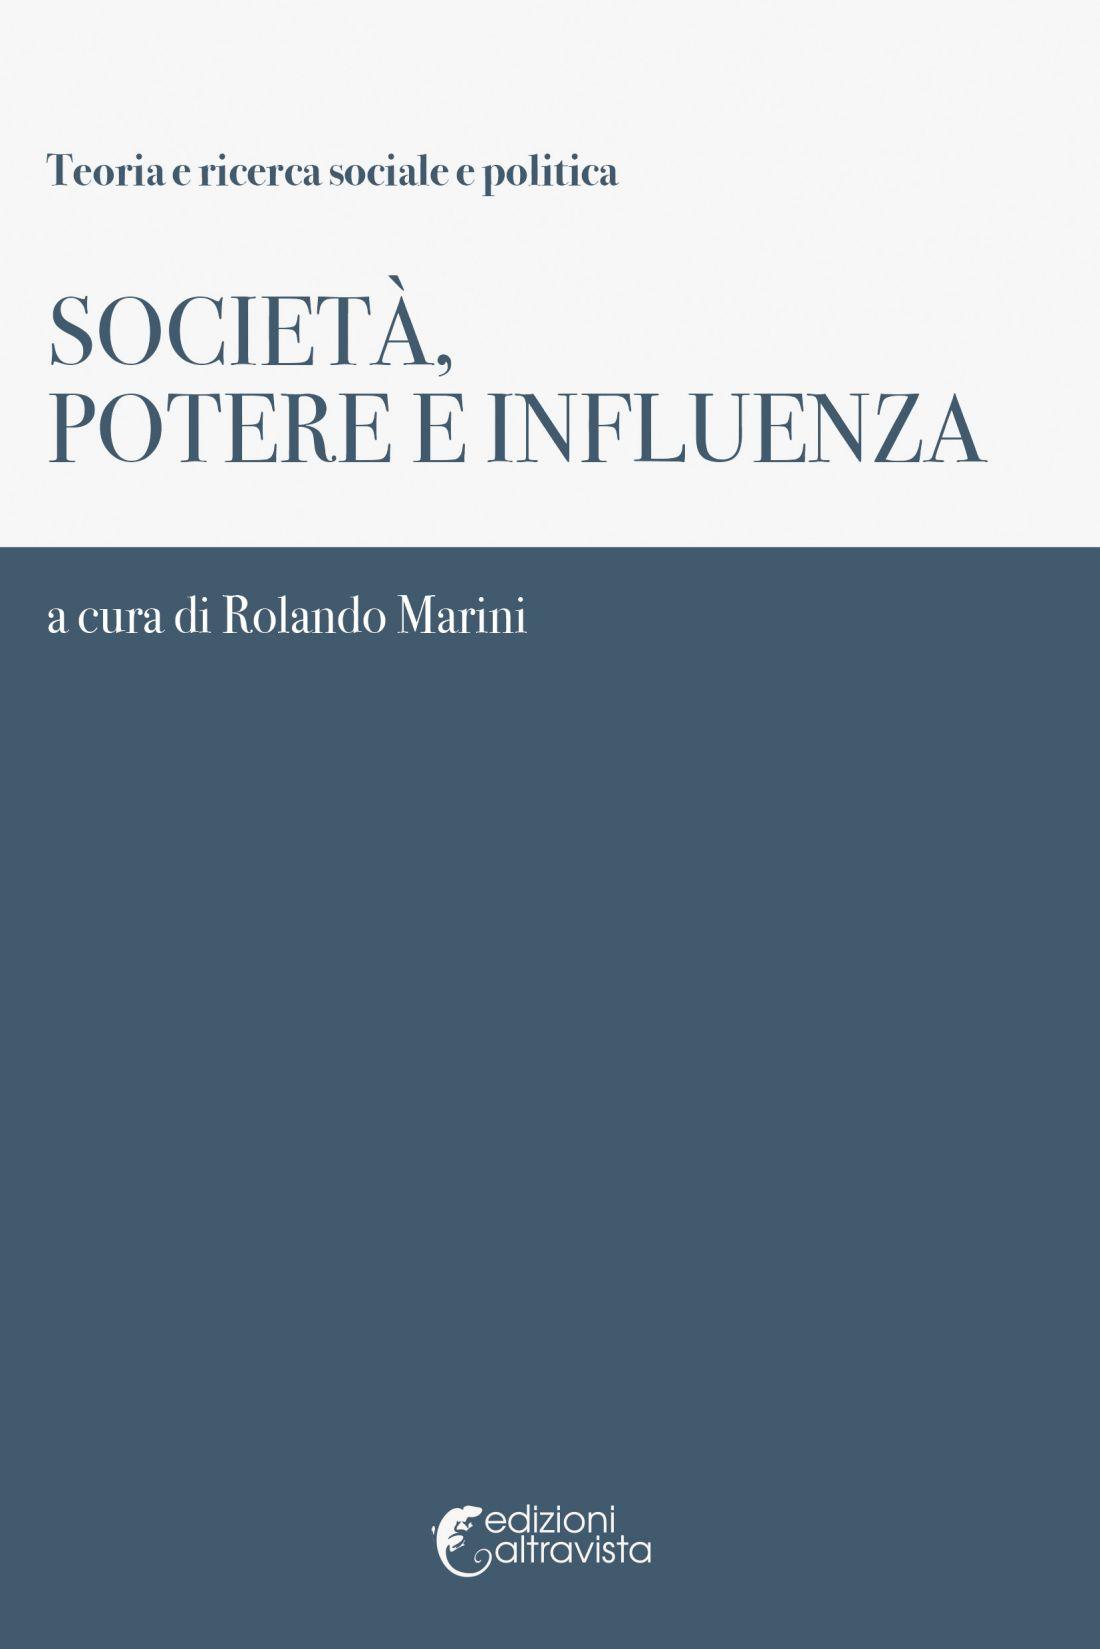 Società, potere e influenza